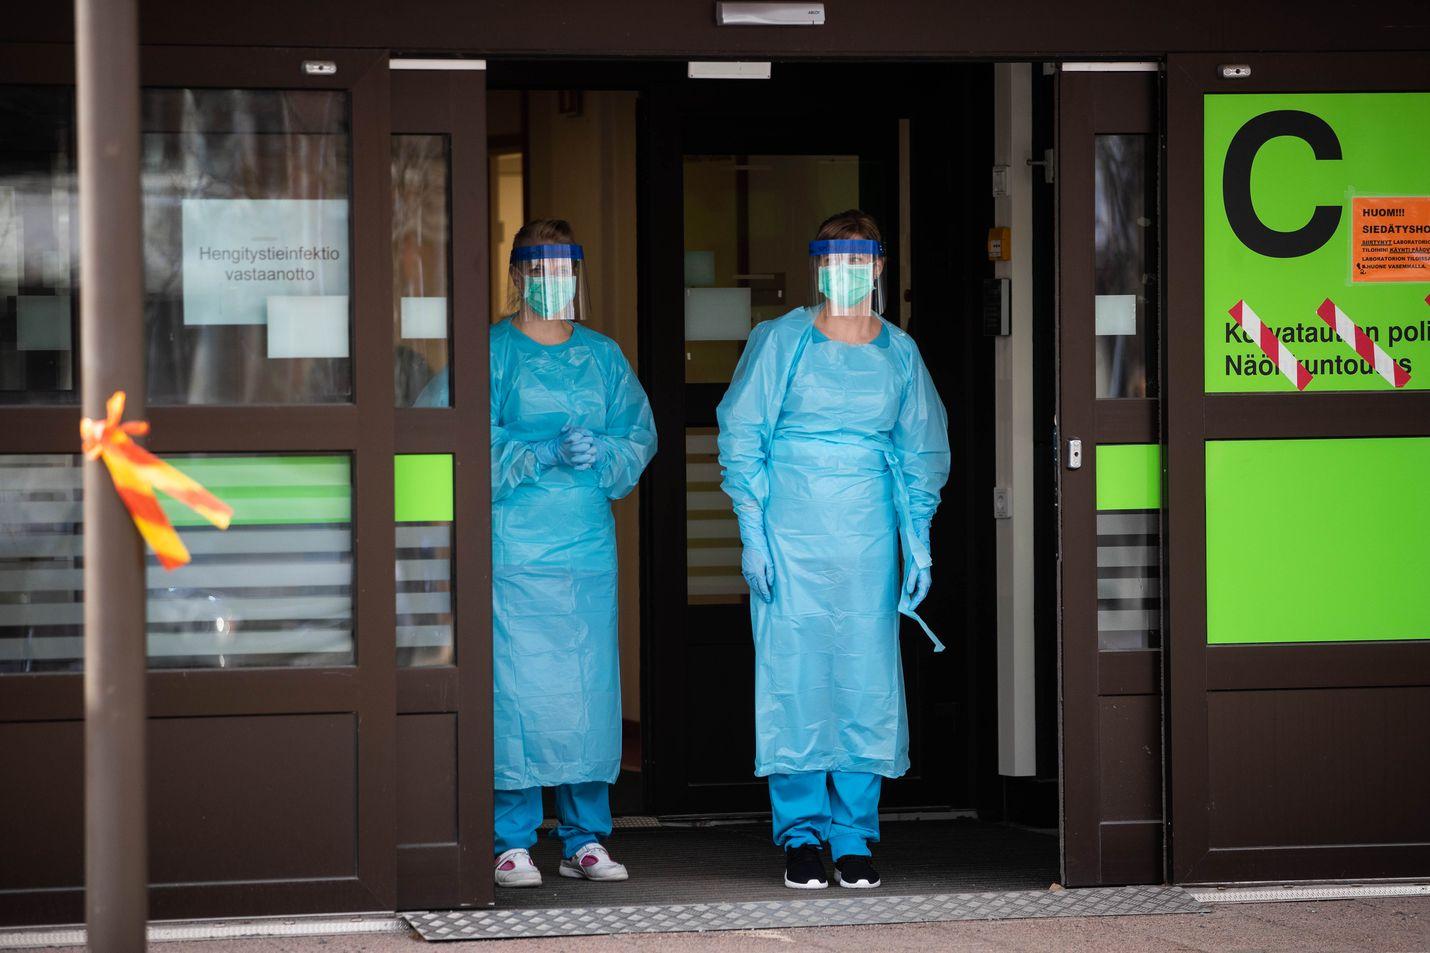 Hoitohenkilökunta odottaa koronatestiin saapuvia ihmisiä tamperelaisen sairaalan ulko-ovella. Julkisessa terveydenhuollossa otetaan tällä hetkellä noin 3 000 koronatestiä vuorokaudessa.